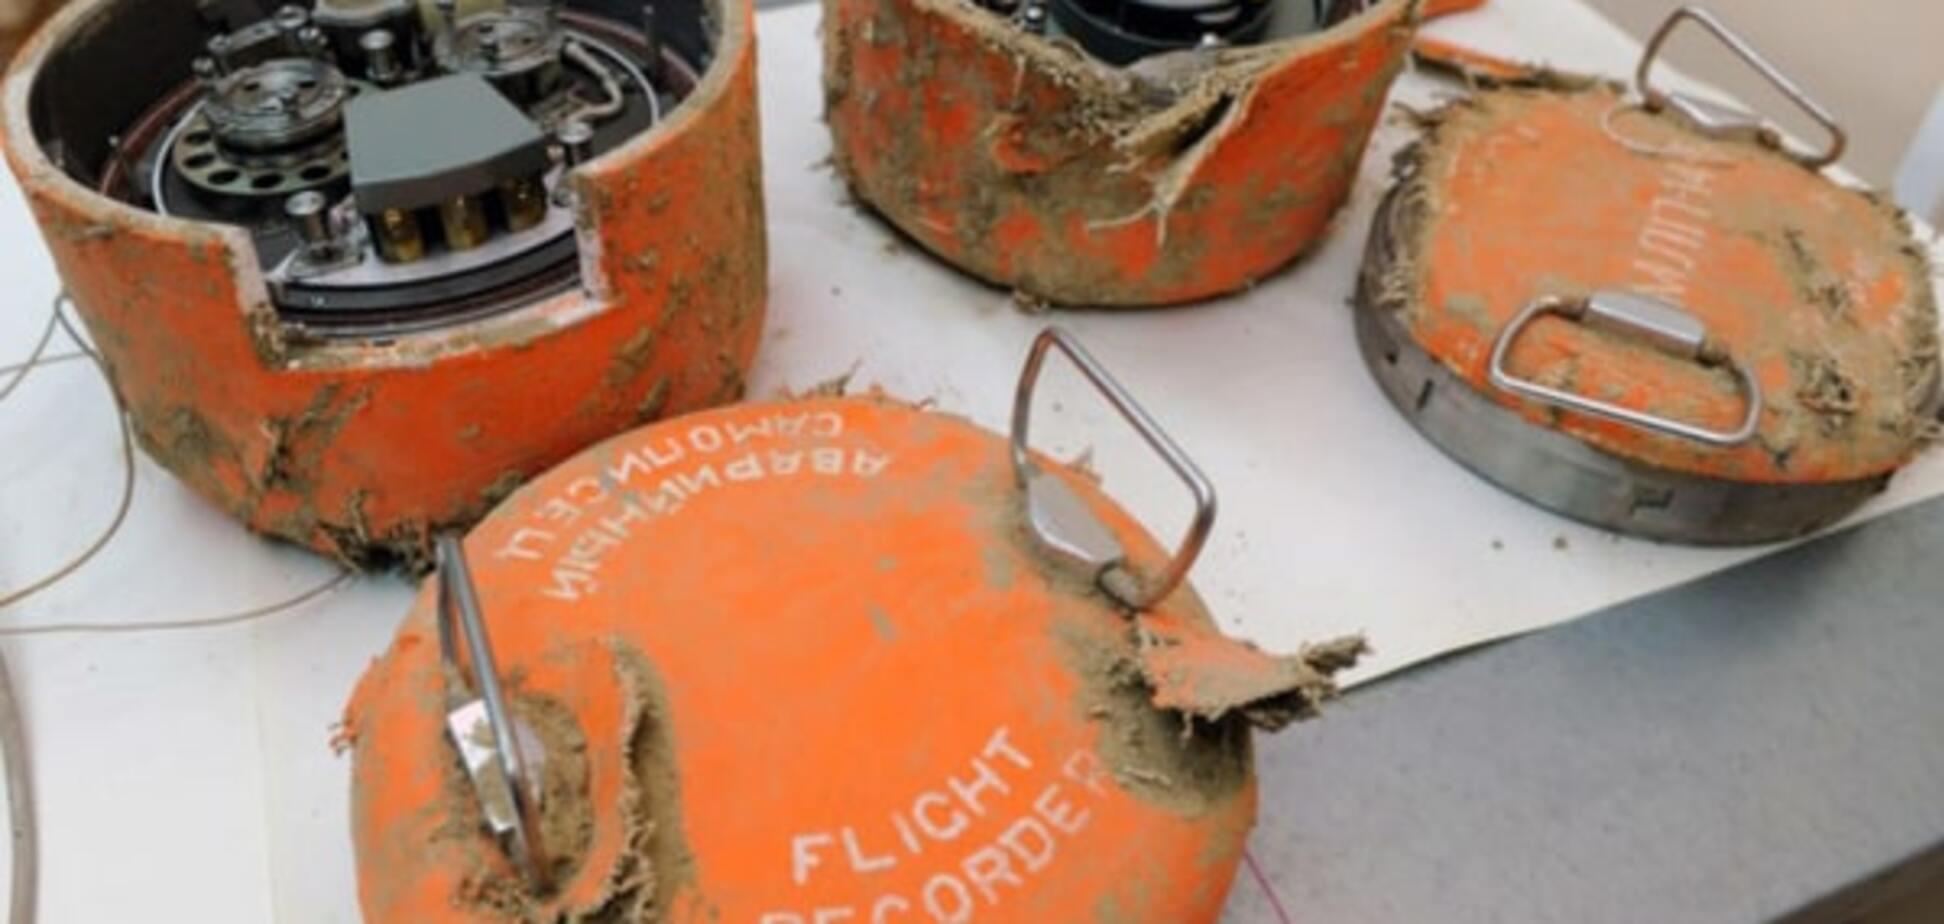 А321 разбился из-за взорвавшейся бомбы на борту - эксперты